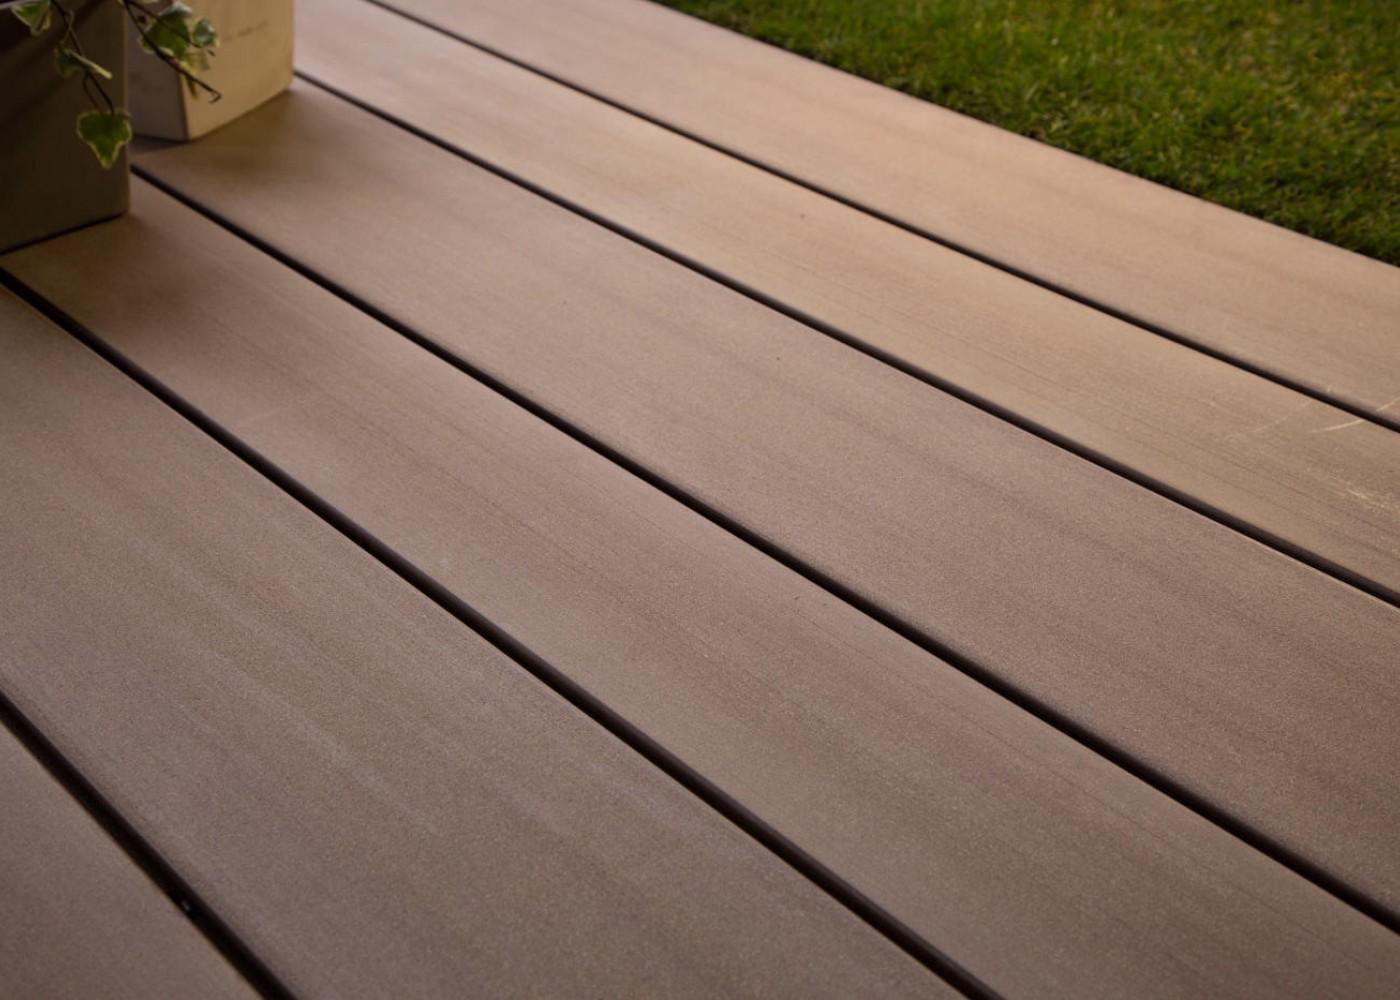 lame de terrasse en bois composite brun exotique profil lisse rainur ou structur la. Black Bedroom Furniture Sets. Home Design Ideas